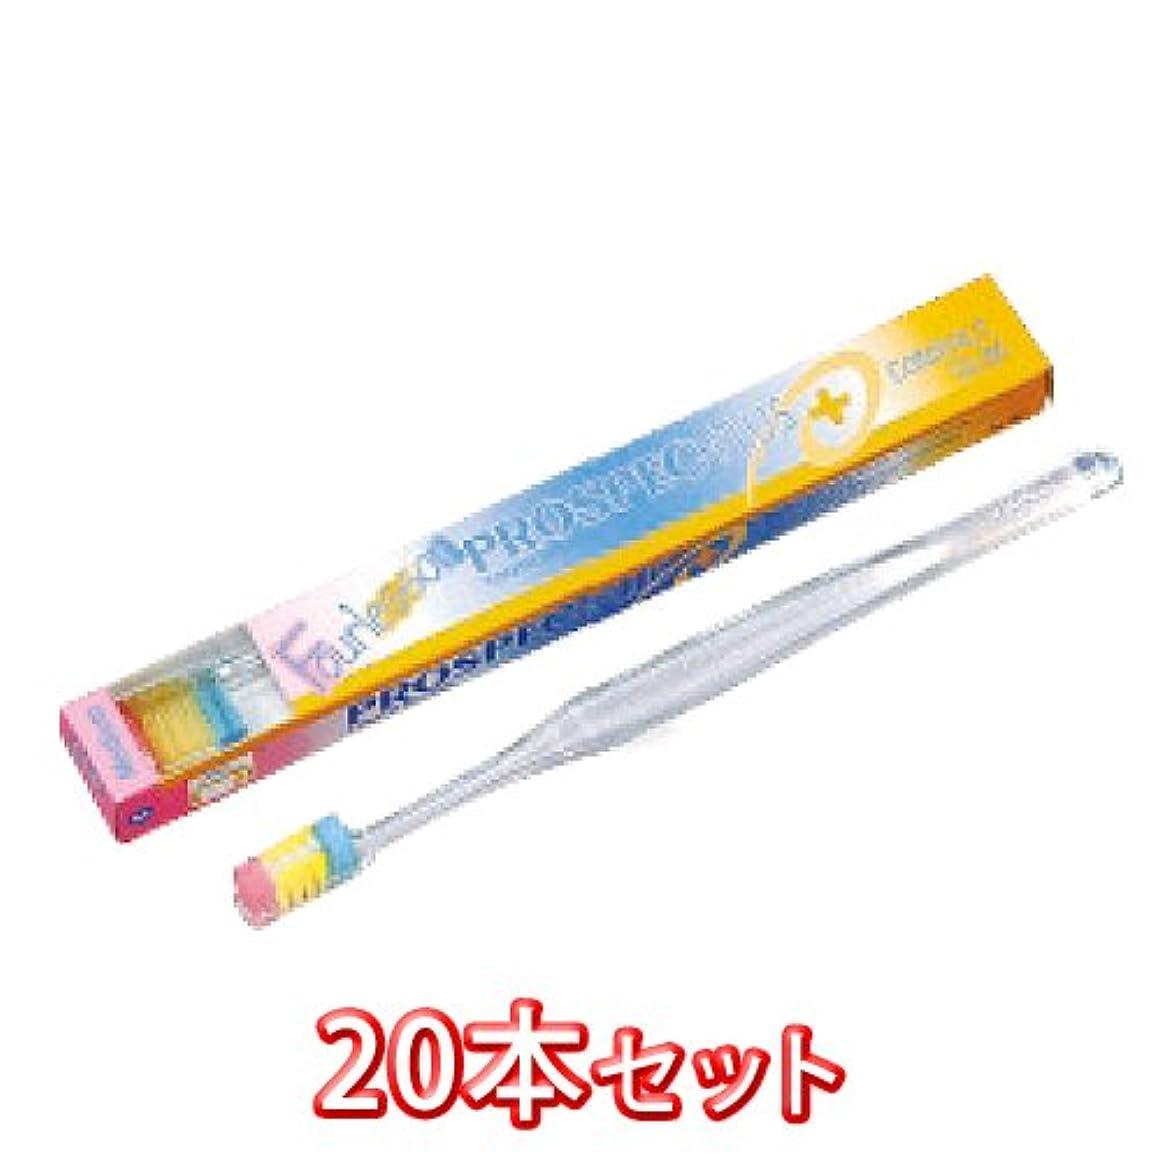 予見するシルク価格プロスペック 歯ブラシ コンパクトスリム 20本入 フォーレッスン 毛の硬さ ふつう